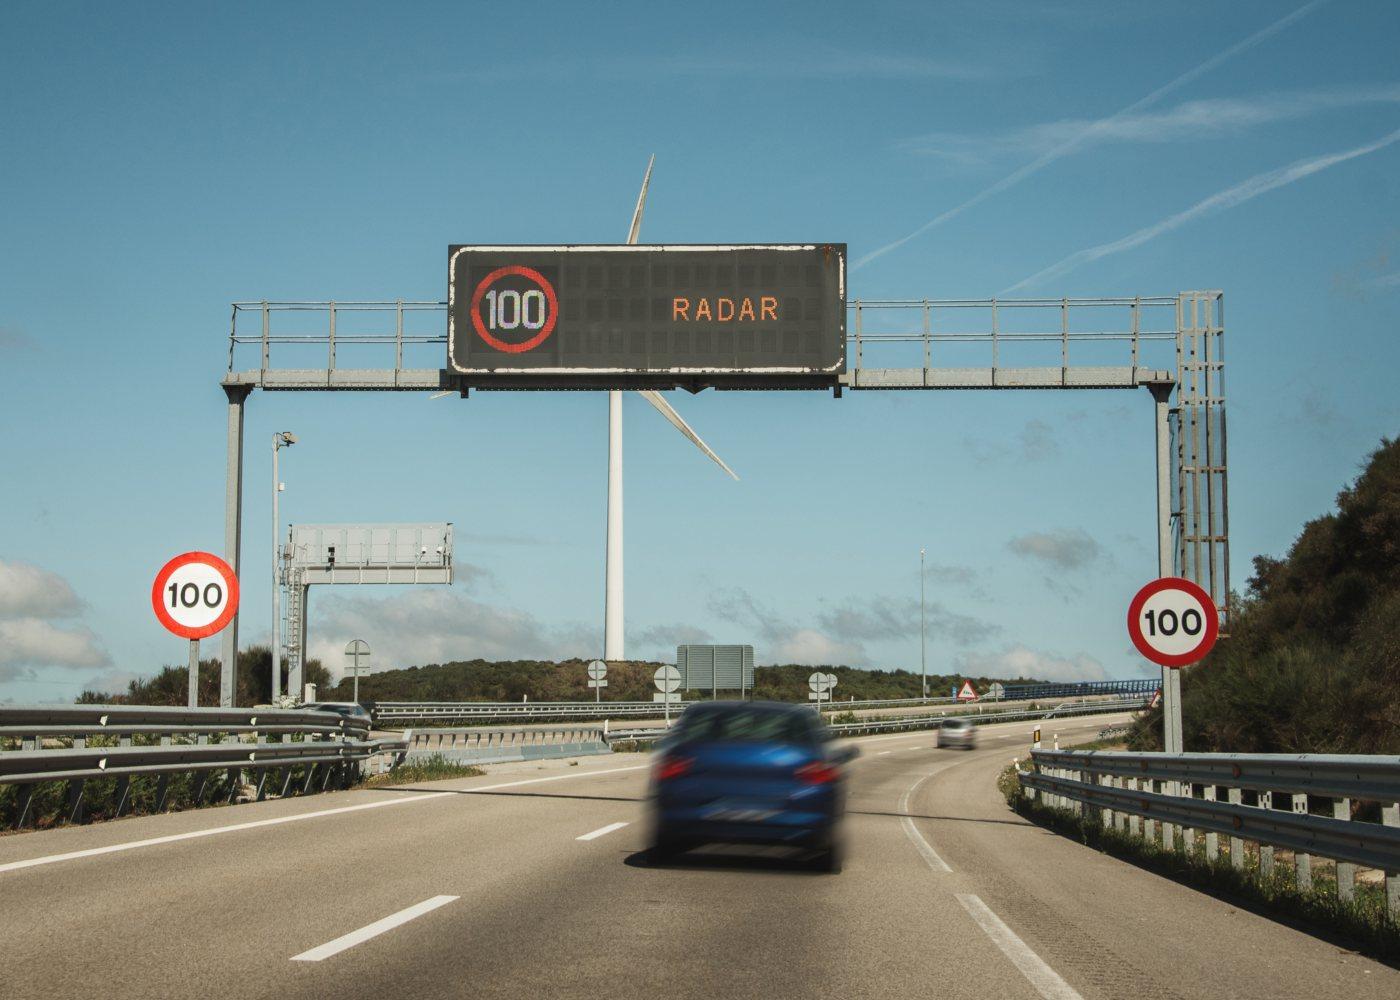 carro a passar por um Radar de velocidade